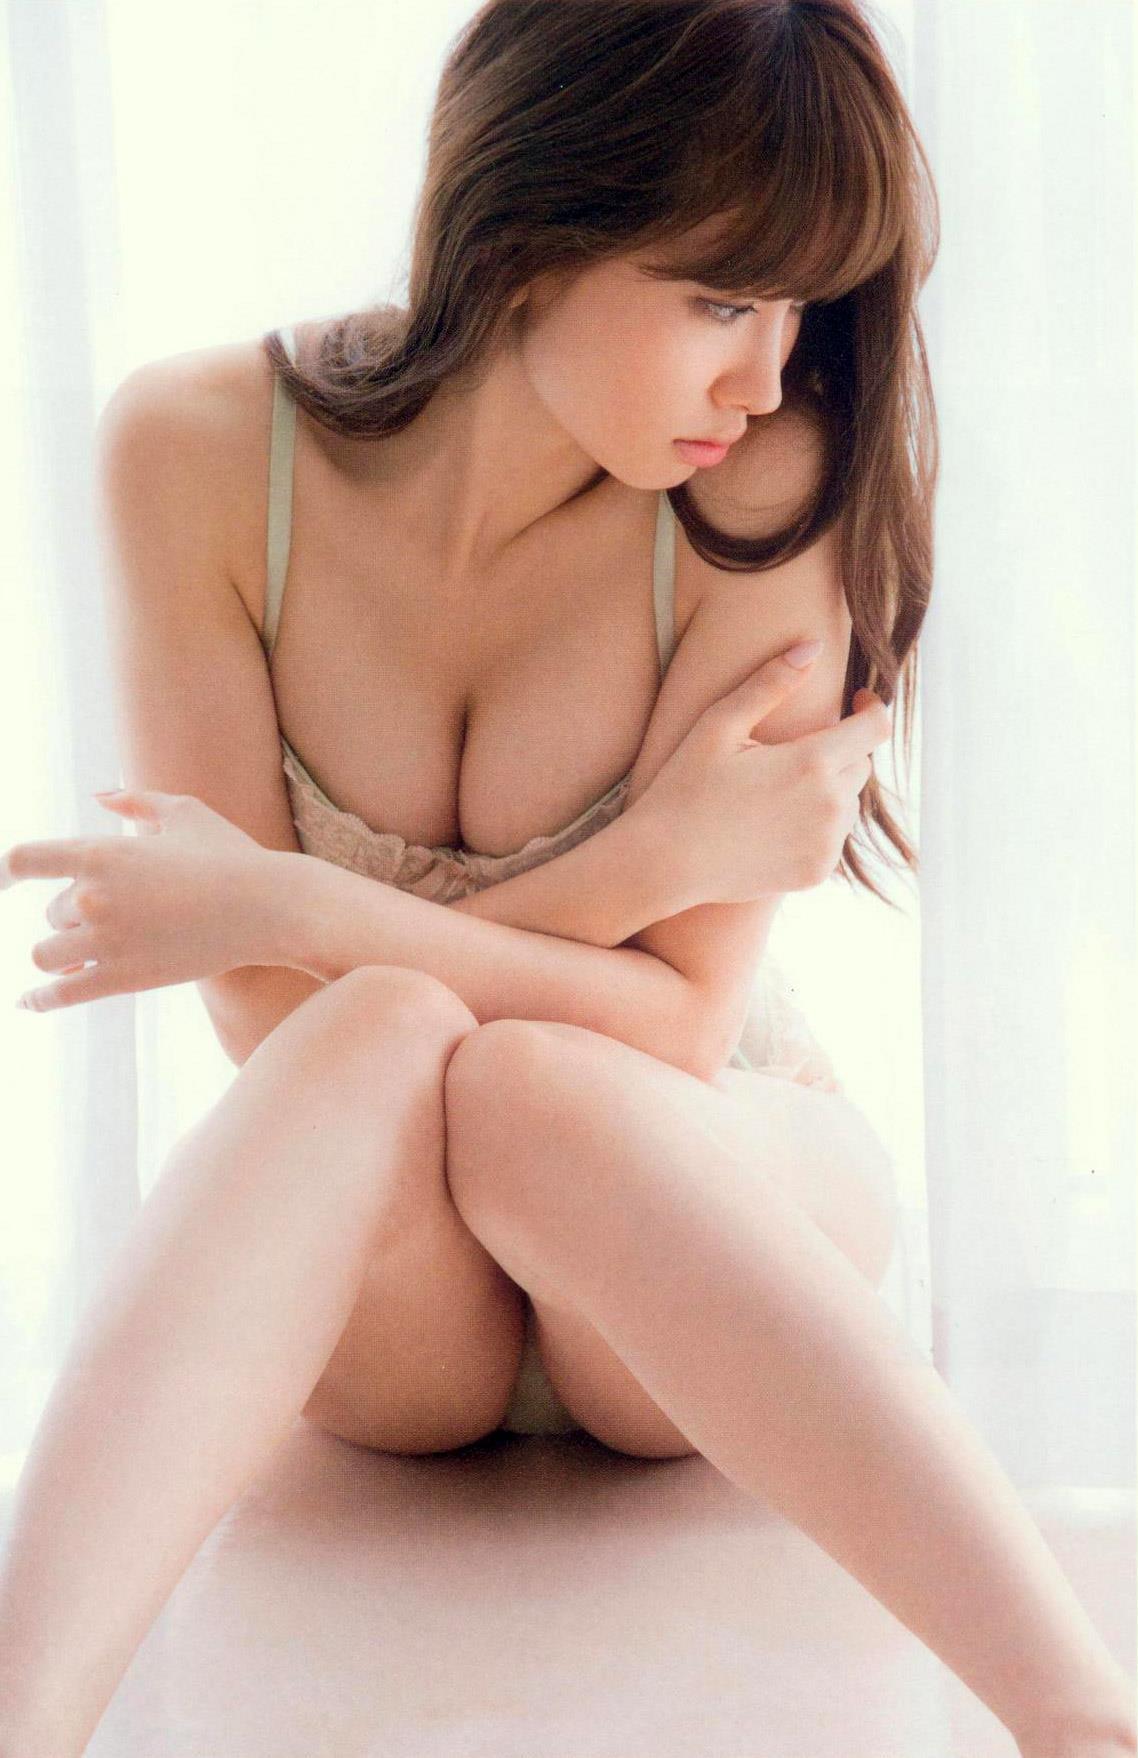 小嶋陽菜 ランジェリー画像 27